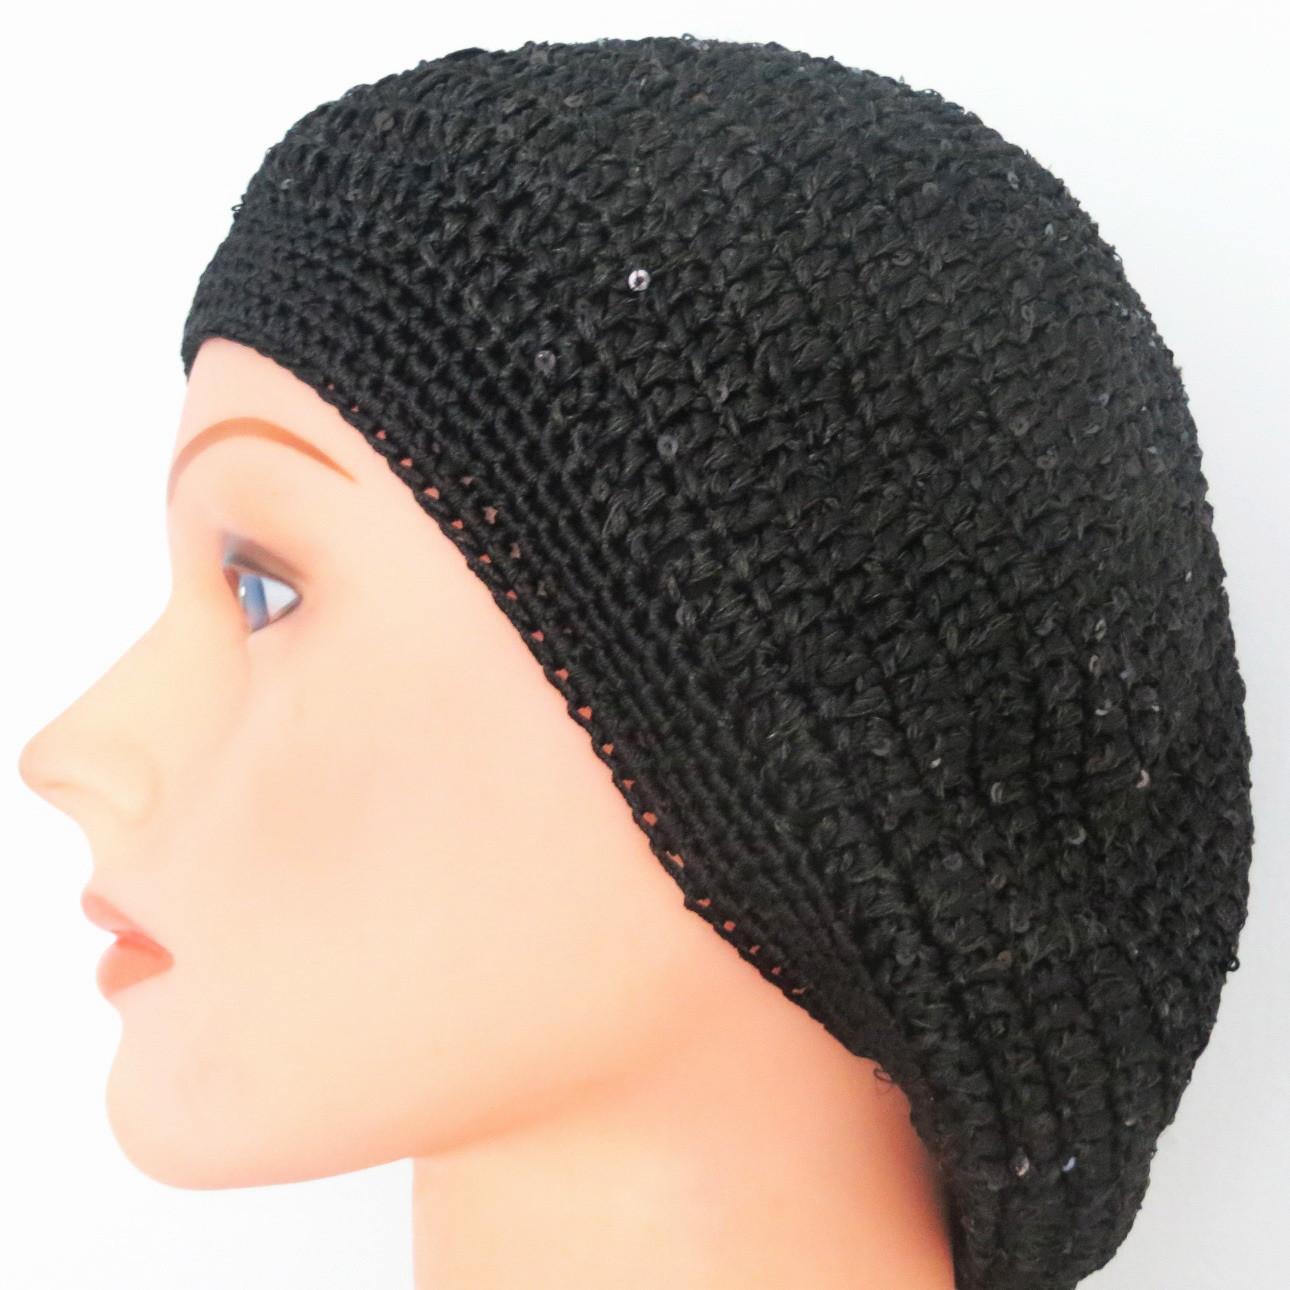 Black mini sequins snood